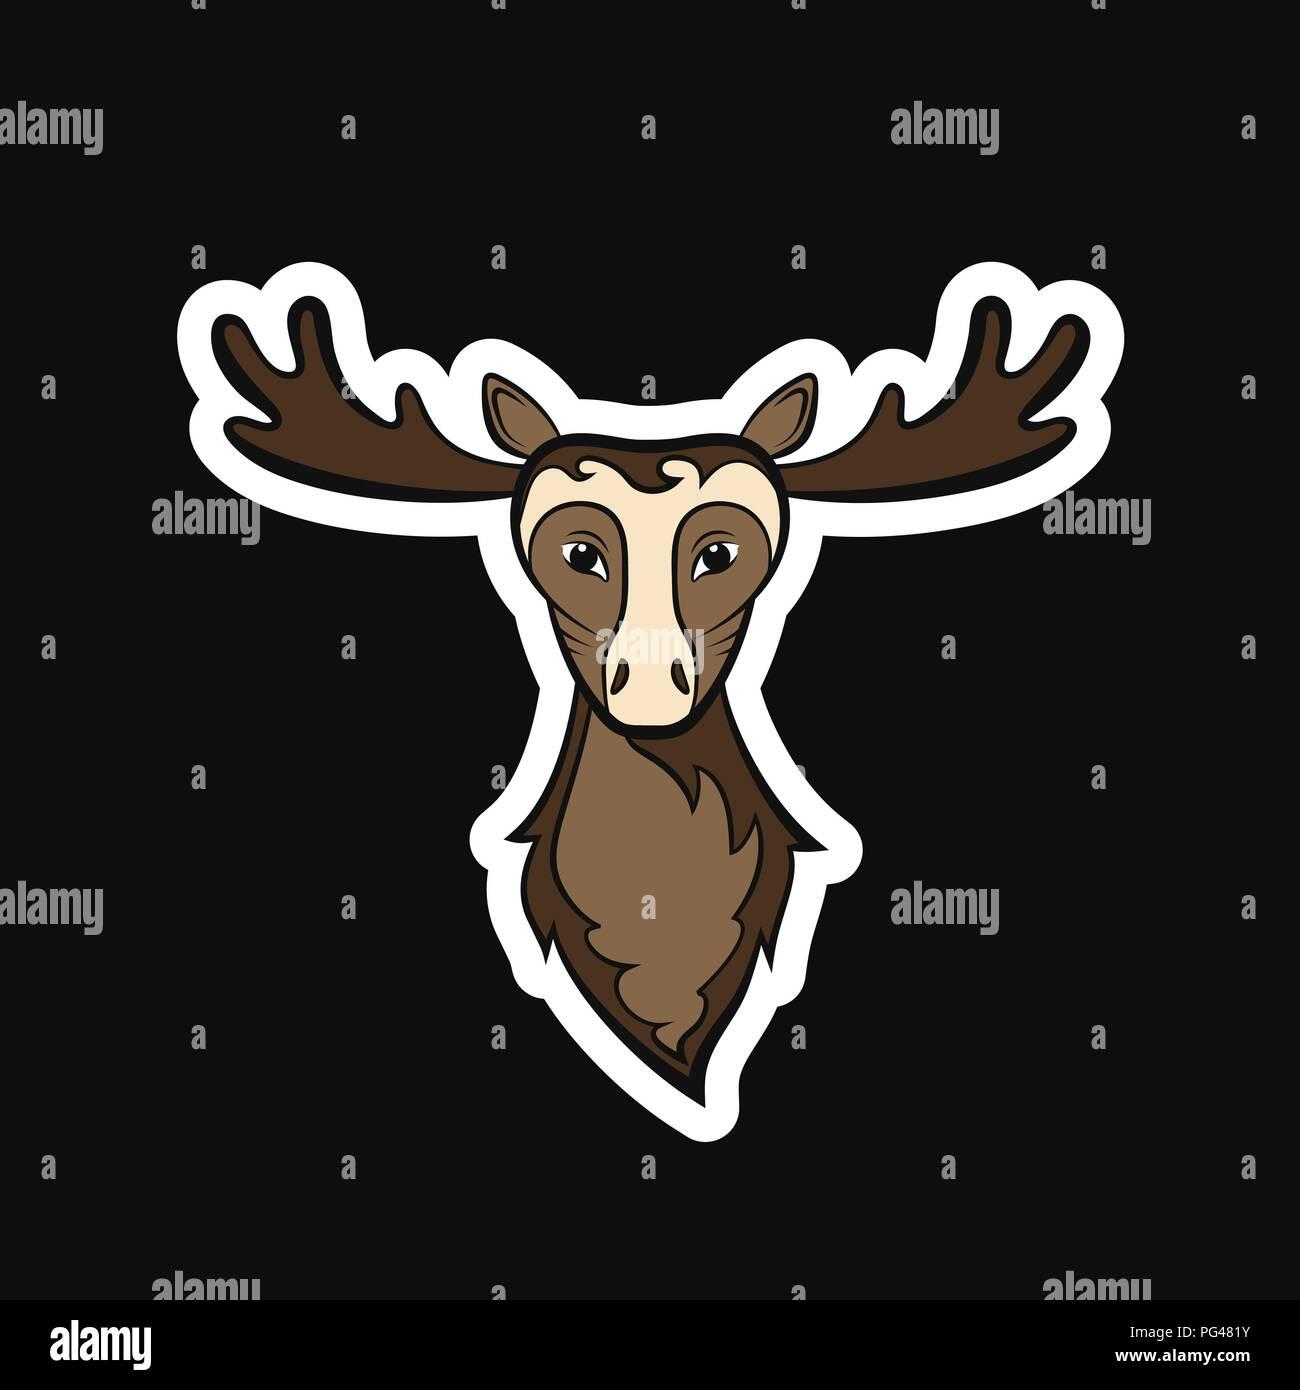 Kopf von einem elch zeichnung auf einem schwarzen hintergrund vector illustration aufkleber stockbild